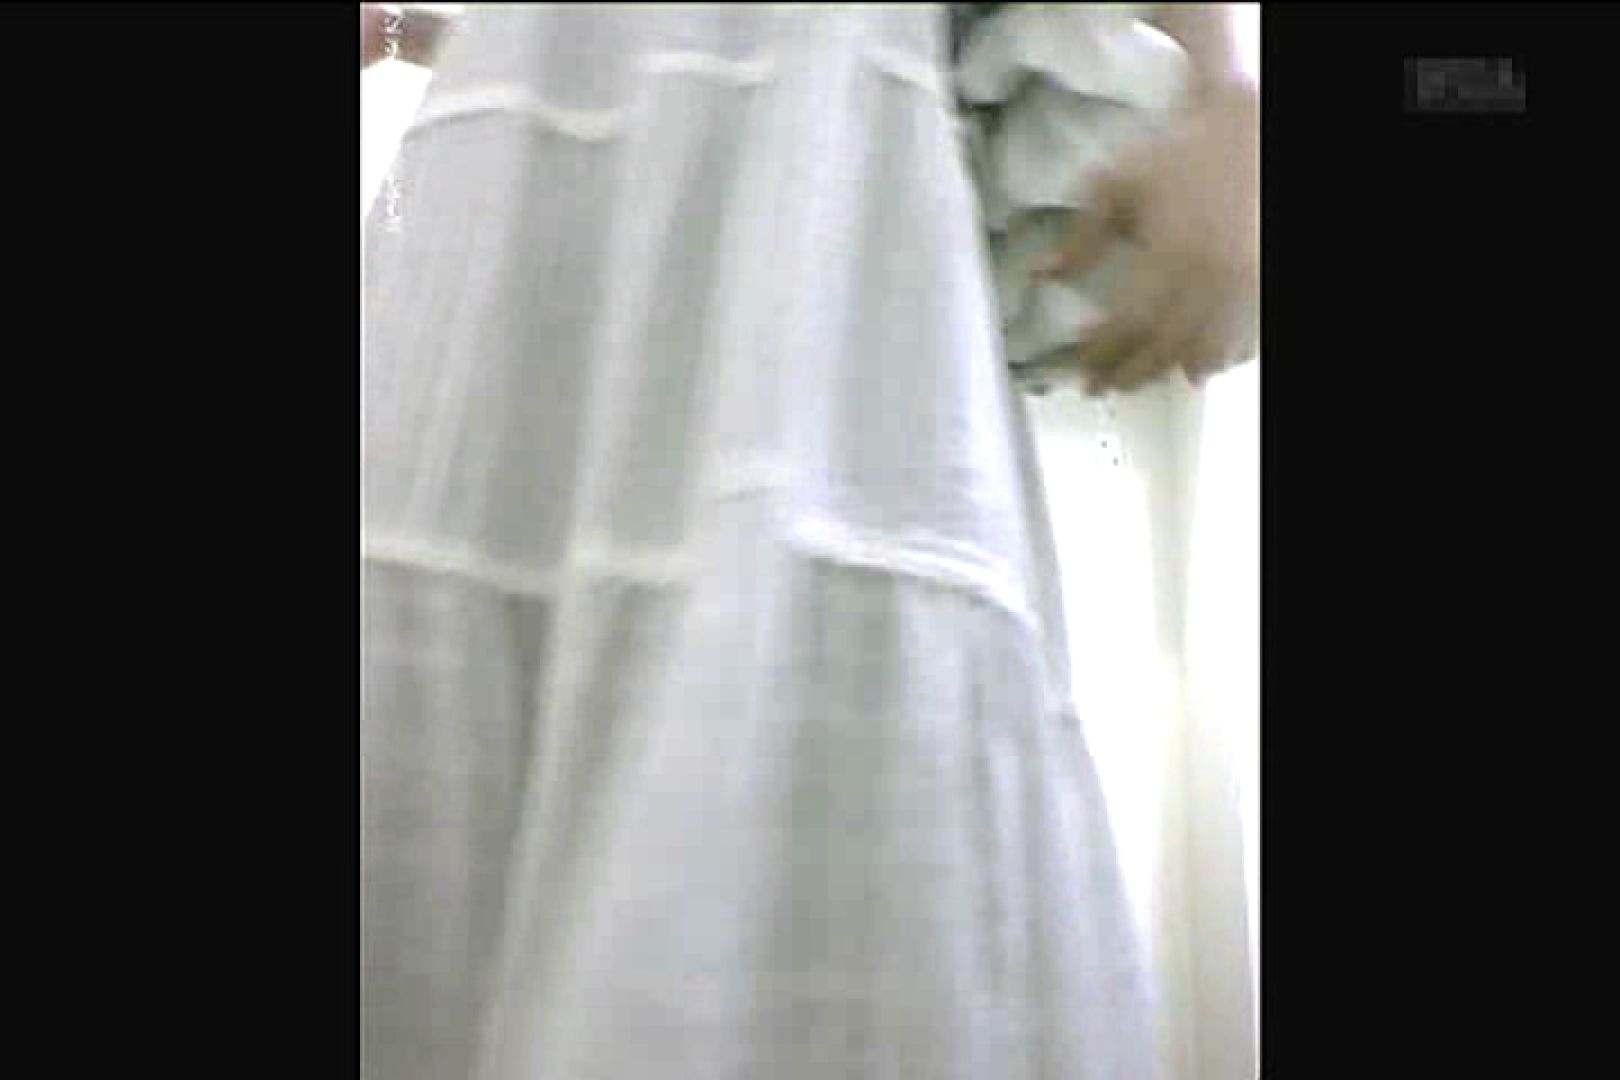 洋式洗面所オムニバスvol.6 おまんこ無修正 | OLの実態  97pic 28